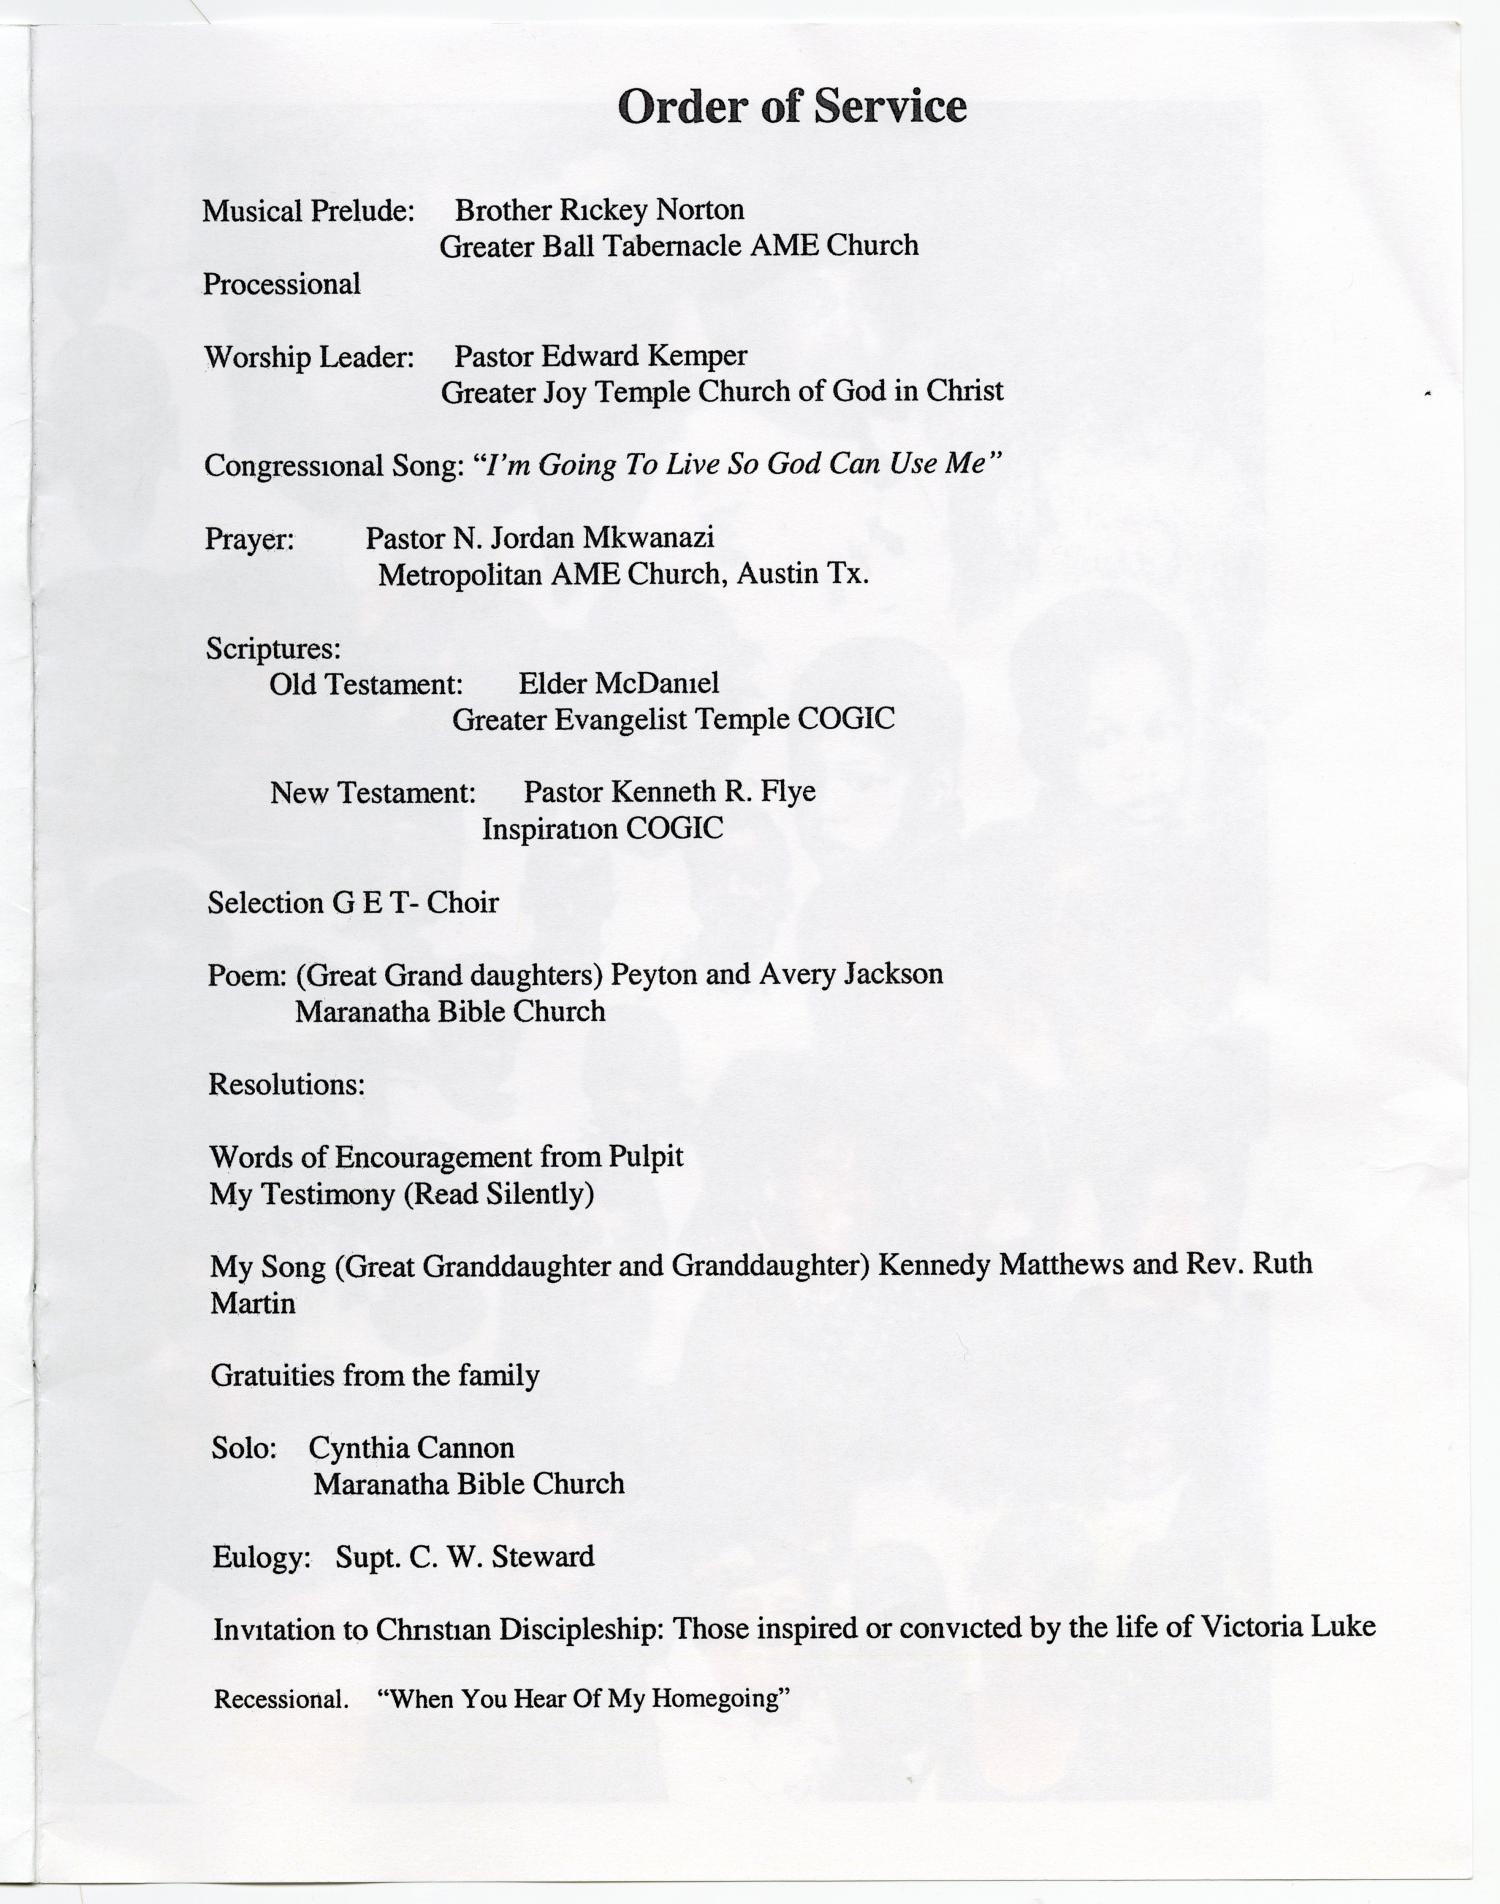 [Funeral Program for Victoria Luke,February 18, 2009